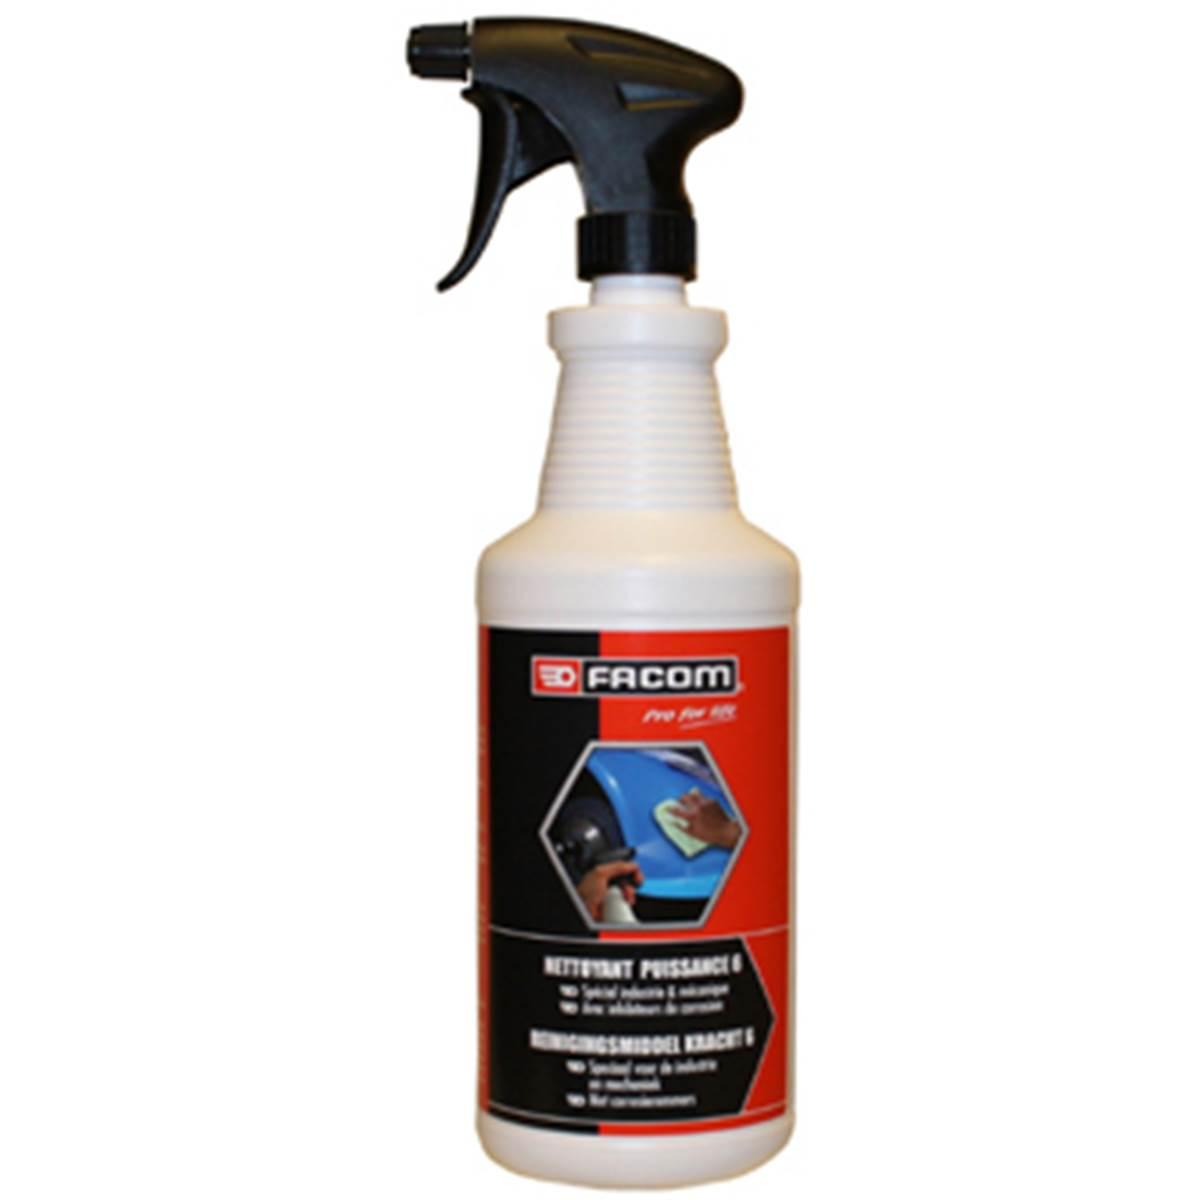 Nettoyant Puissance 6 1L FACOM en pulvérisateur